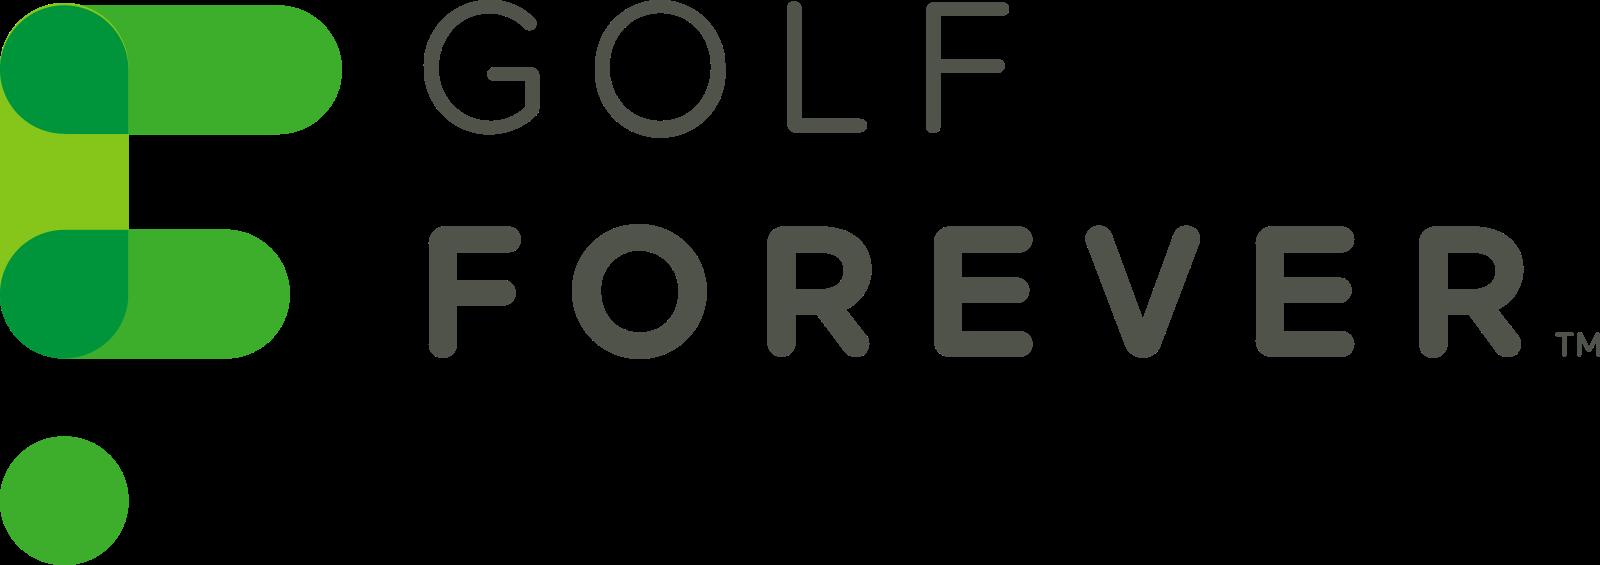 Golfforever